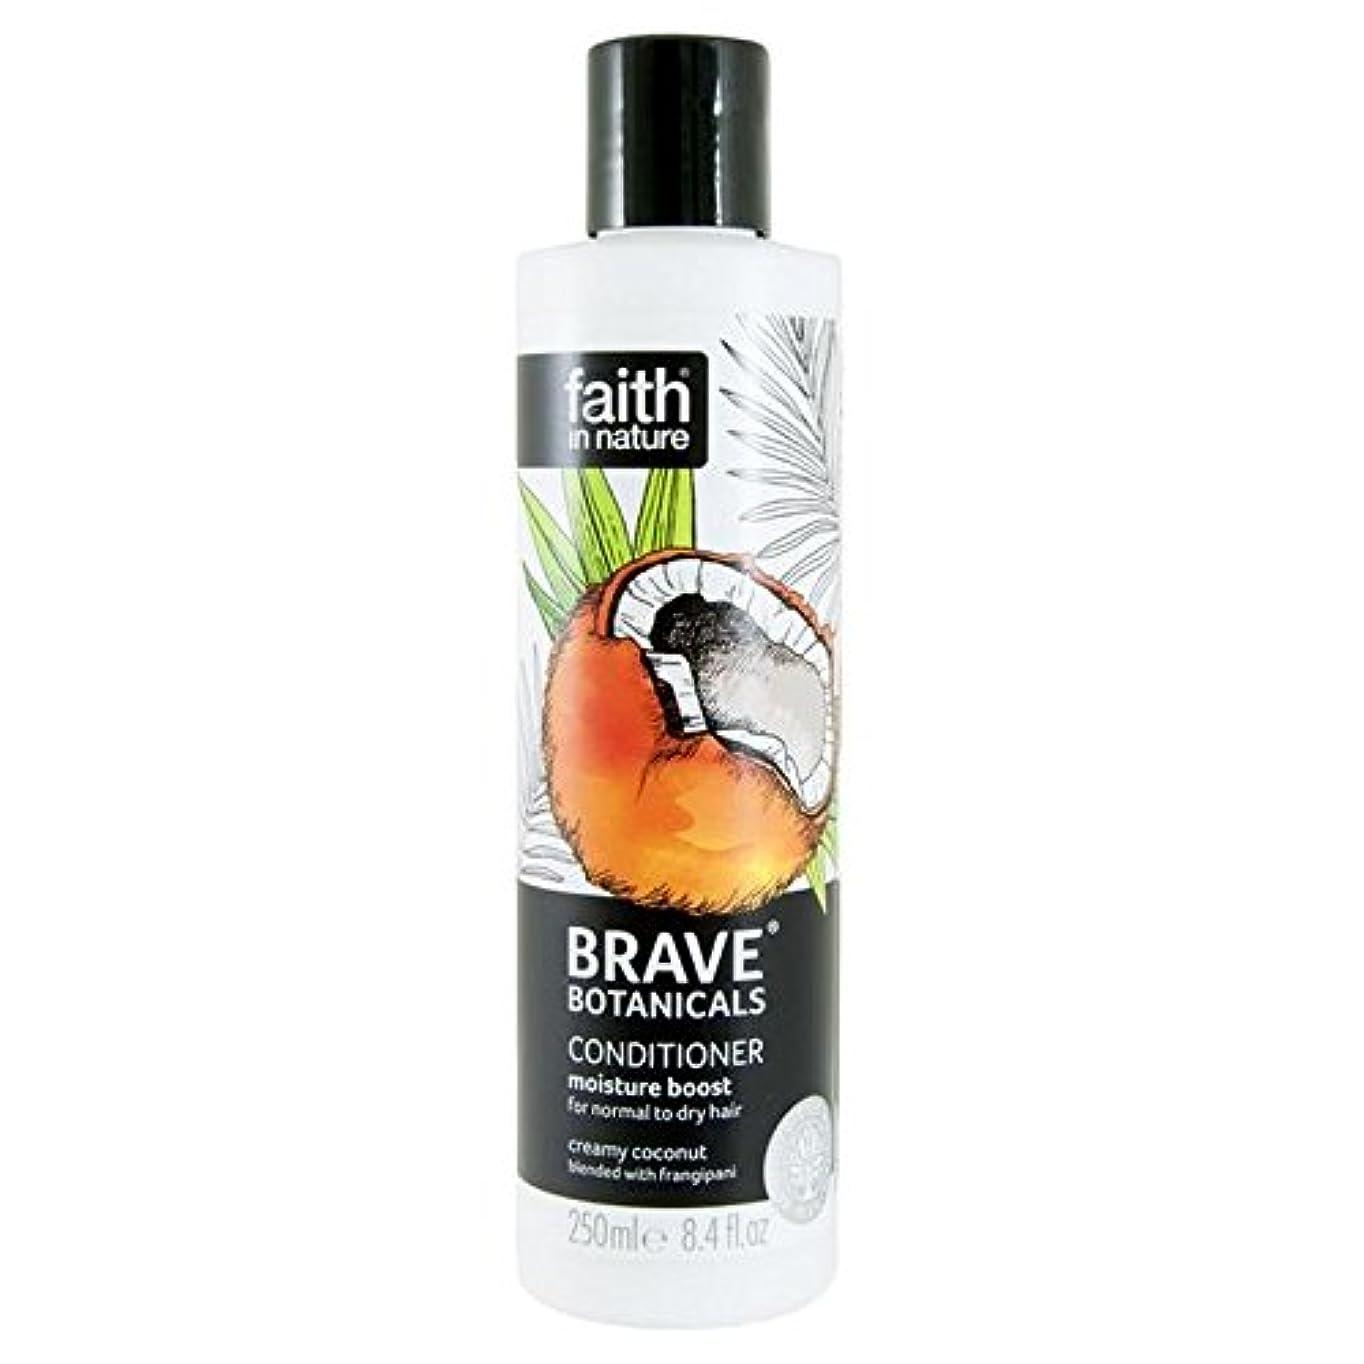 小数降下理由Brave Botanicals Coconut & Frangipani Moisture Boost Conditioner 250ml - (Faith In Nature) 勇敢な植物ココナッツ&プルメリア水分ブーストコンディショナー...